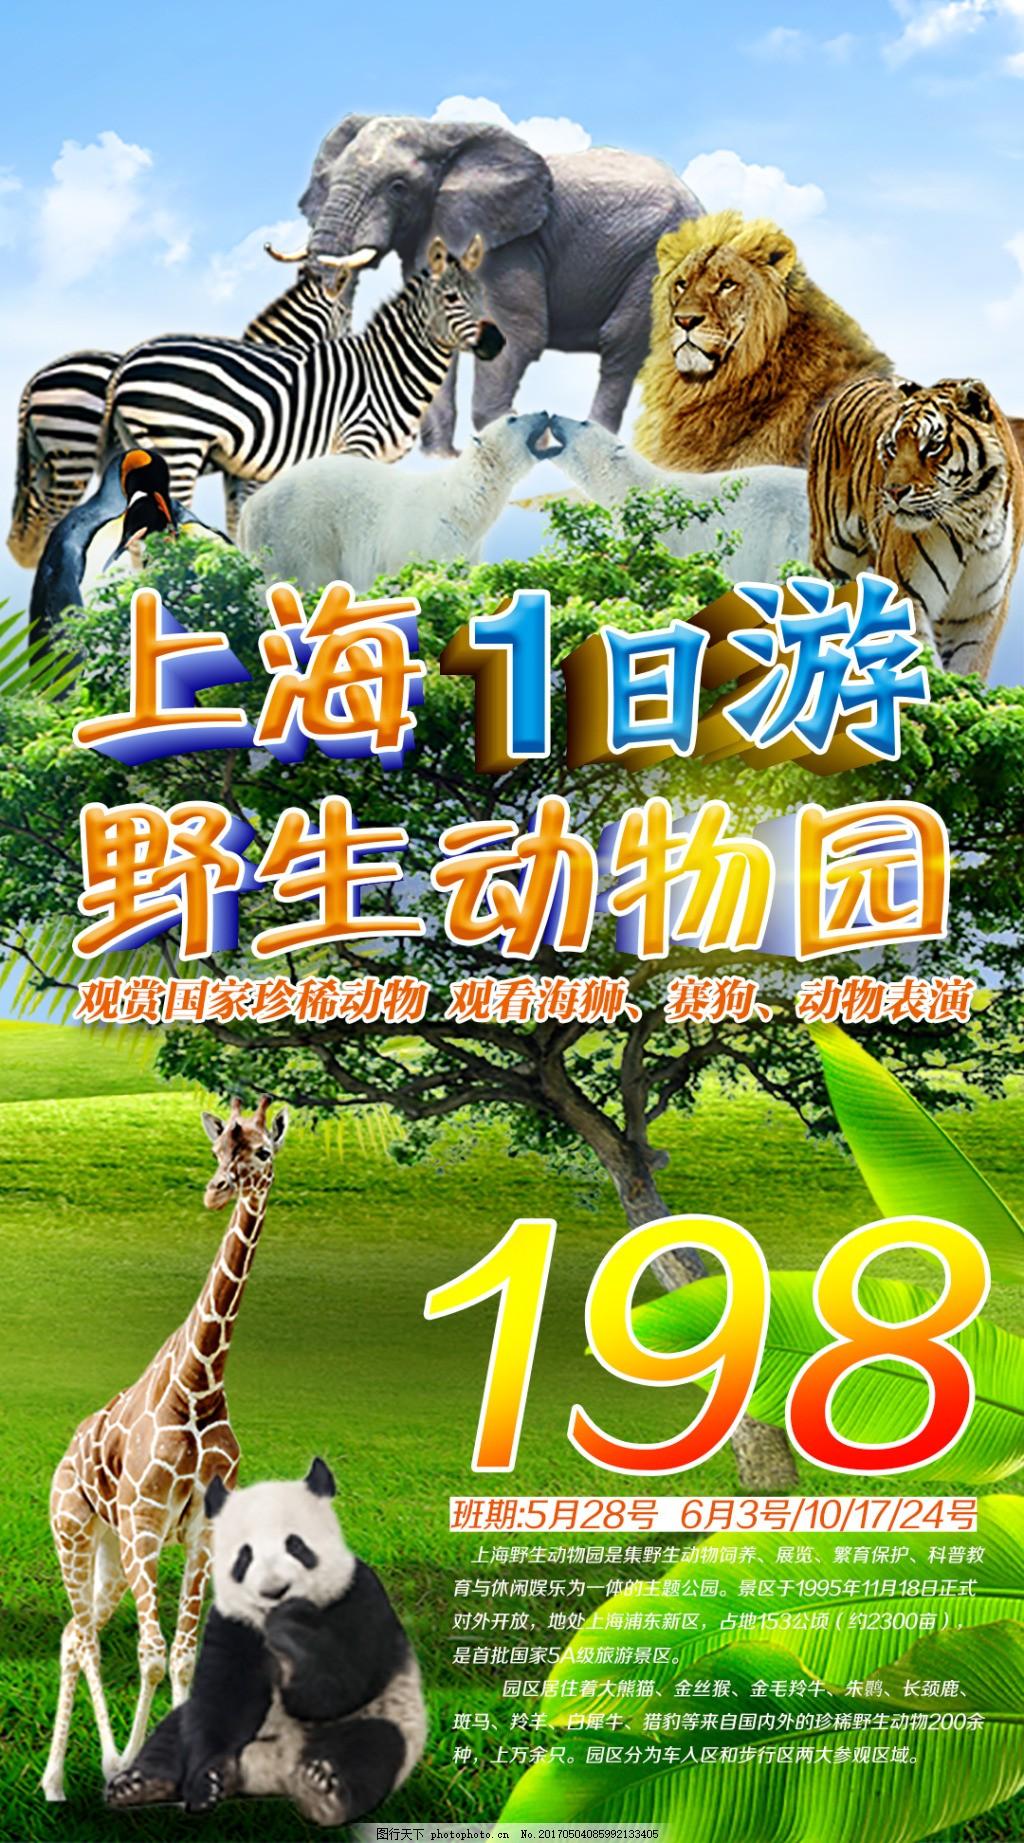 老虎 熊猫 长颈鹿 狮子 大象 斑马 野生动物园 珍稀动物 动物集